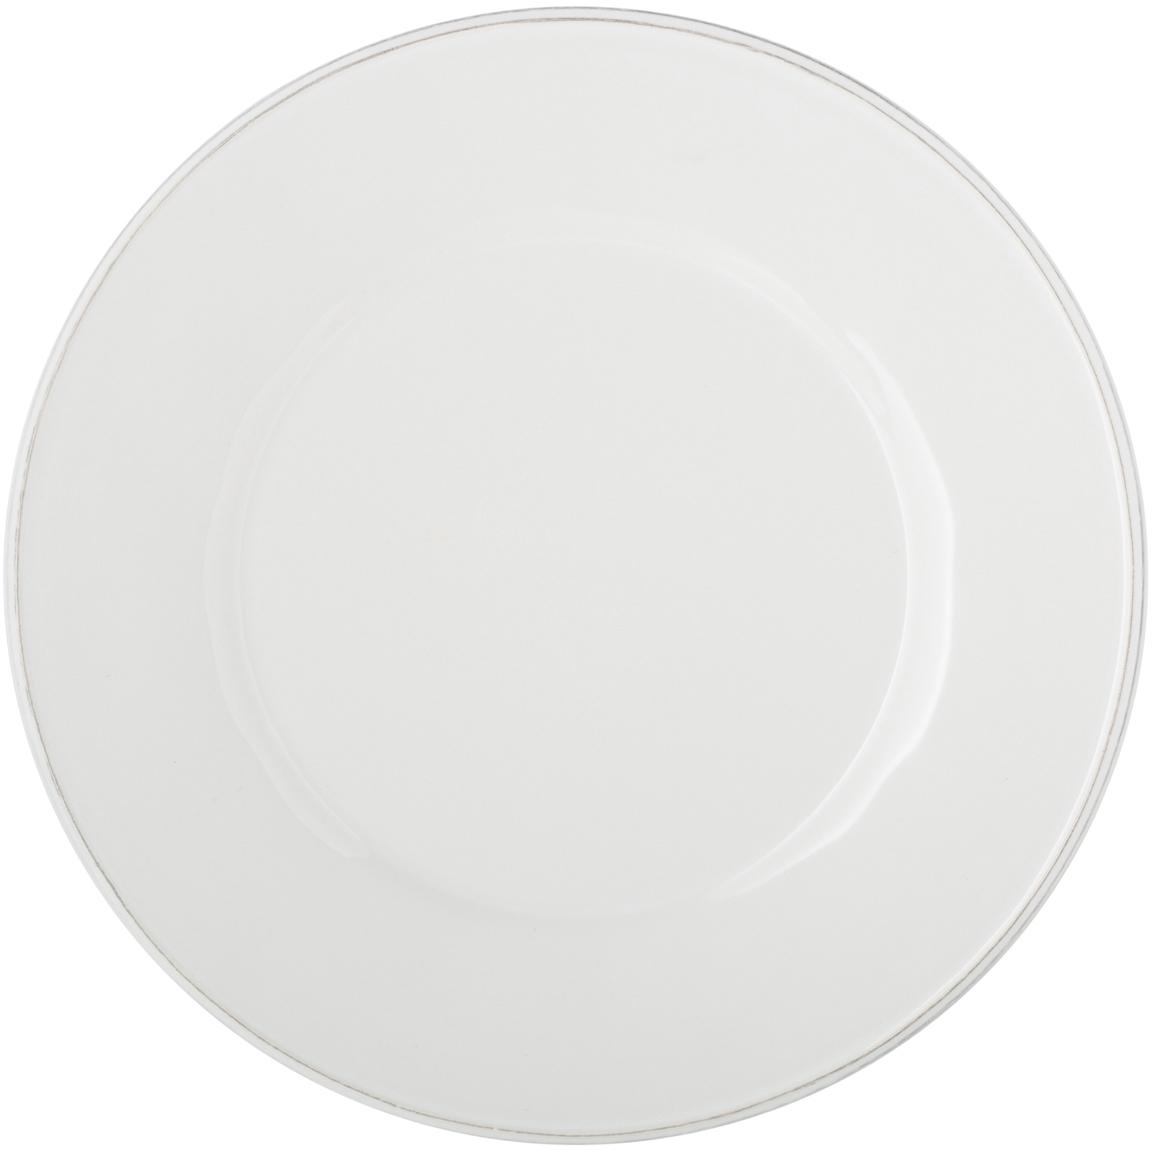 Talerz duży Constance, 2 szt., Kamionka, Biały, Ø 29 cm